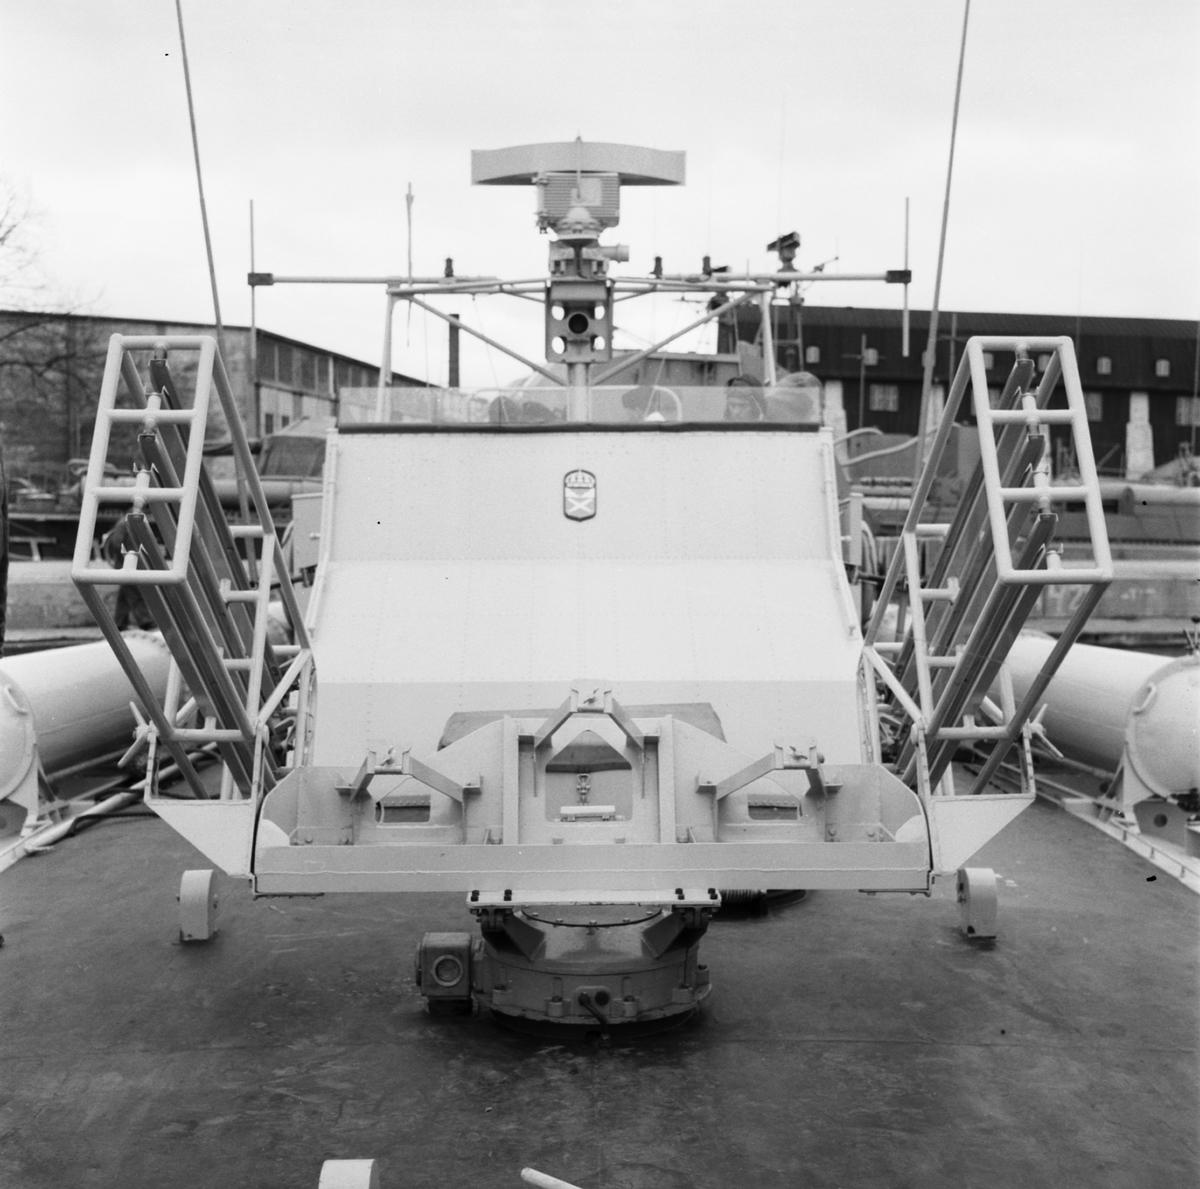 Fartyg: T42                             Rederi: Kungliga Flottan, Marinen Byggår: 1956 Varv: Kockums Övrigt: Raketställ.